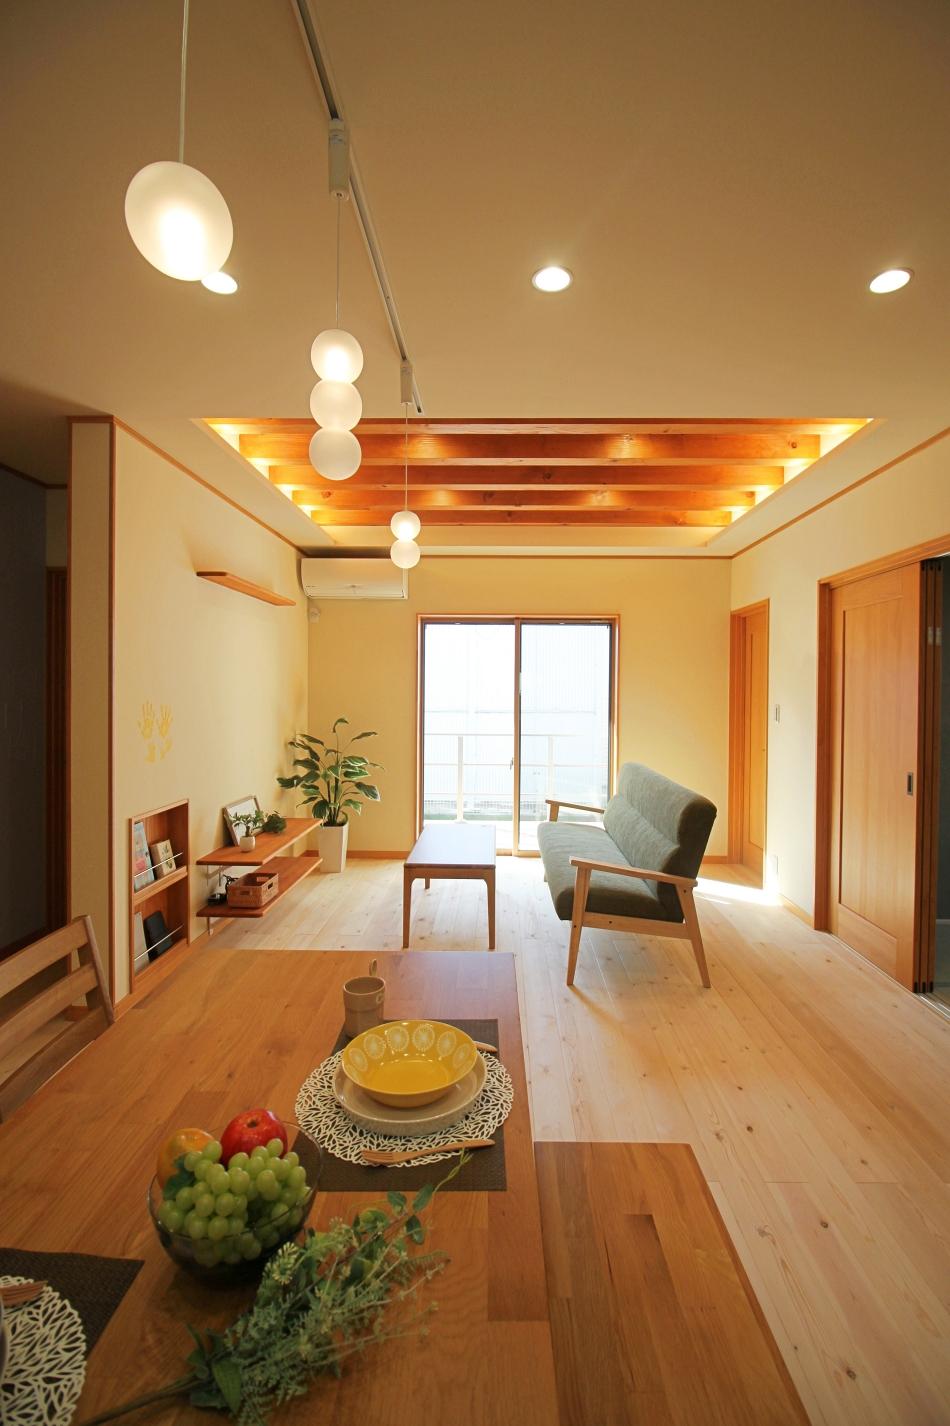 リビングを中心に各部屋につながる自然素材の平屋